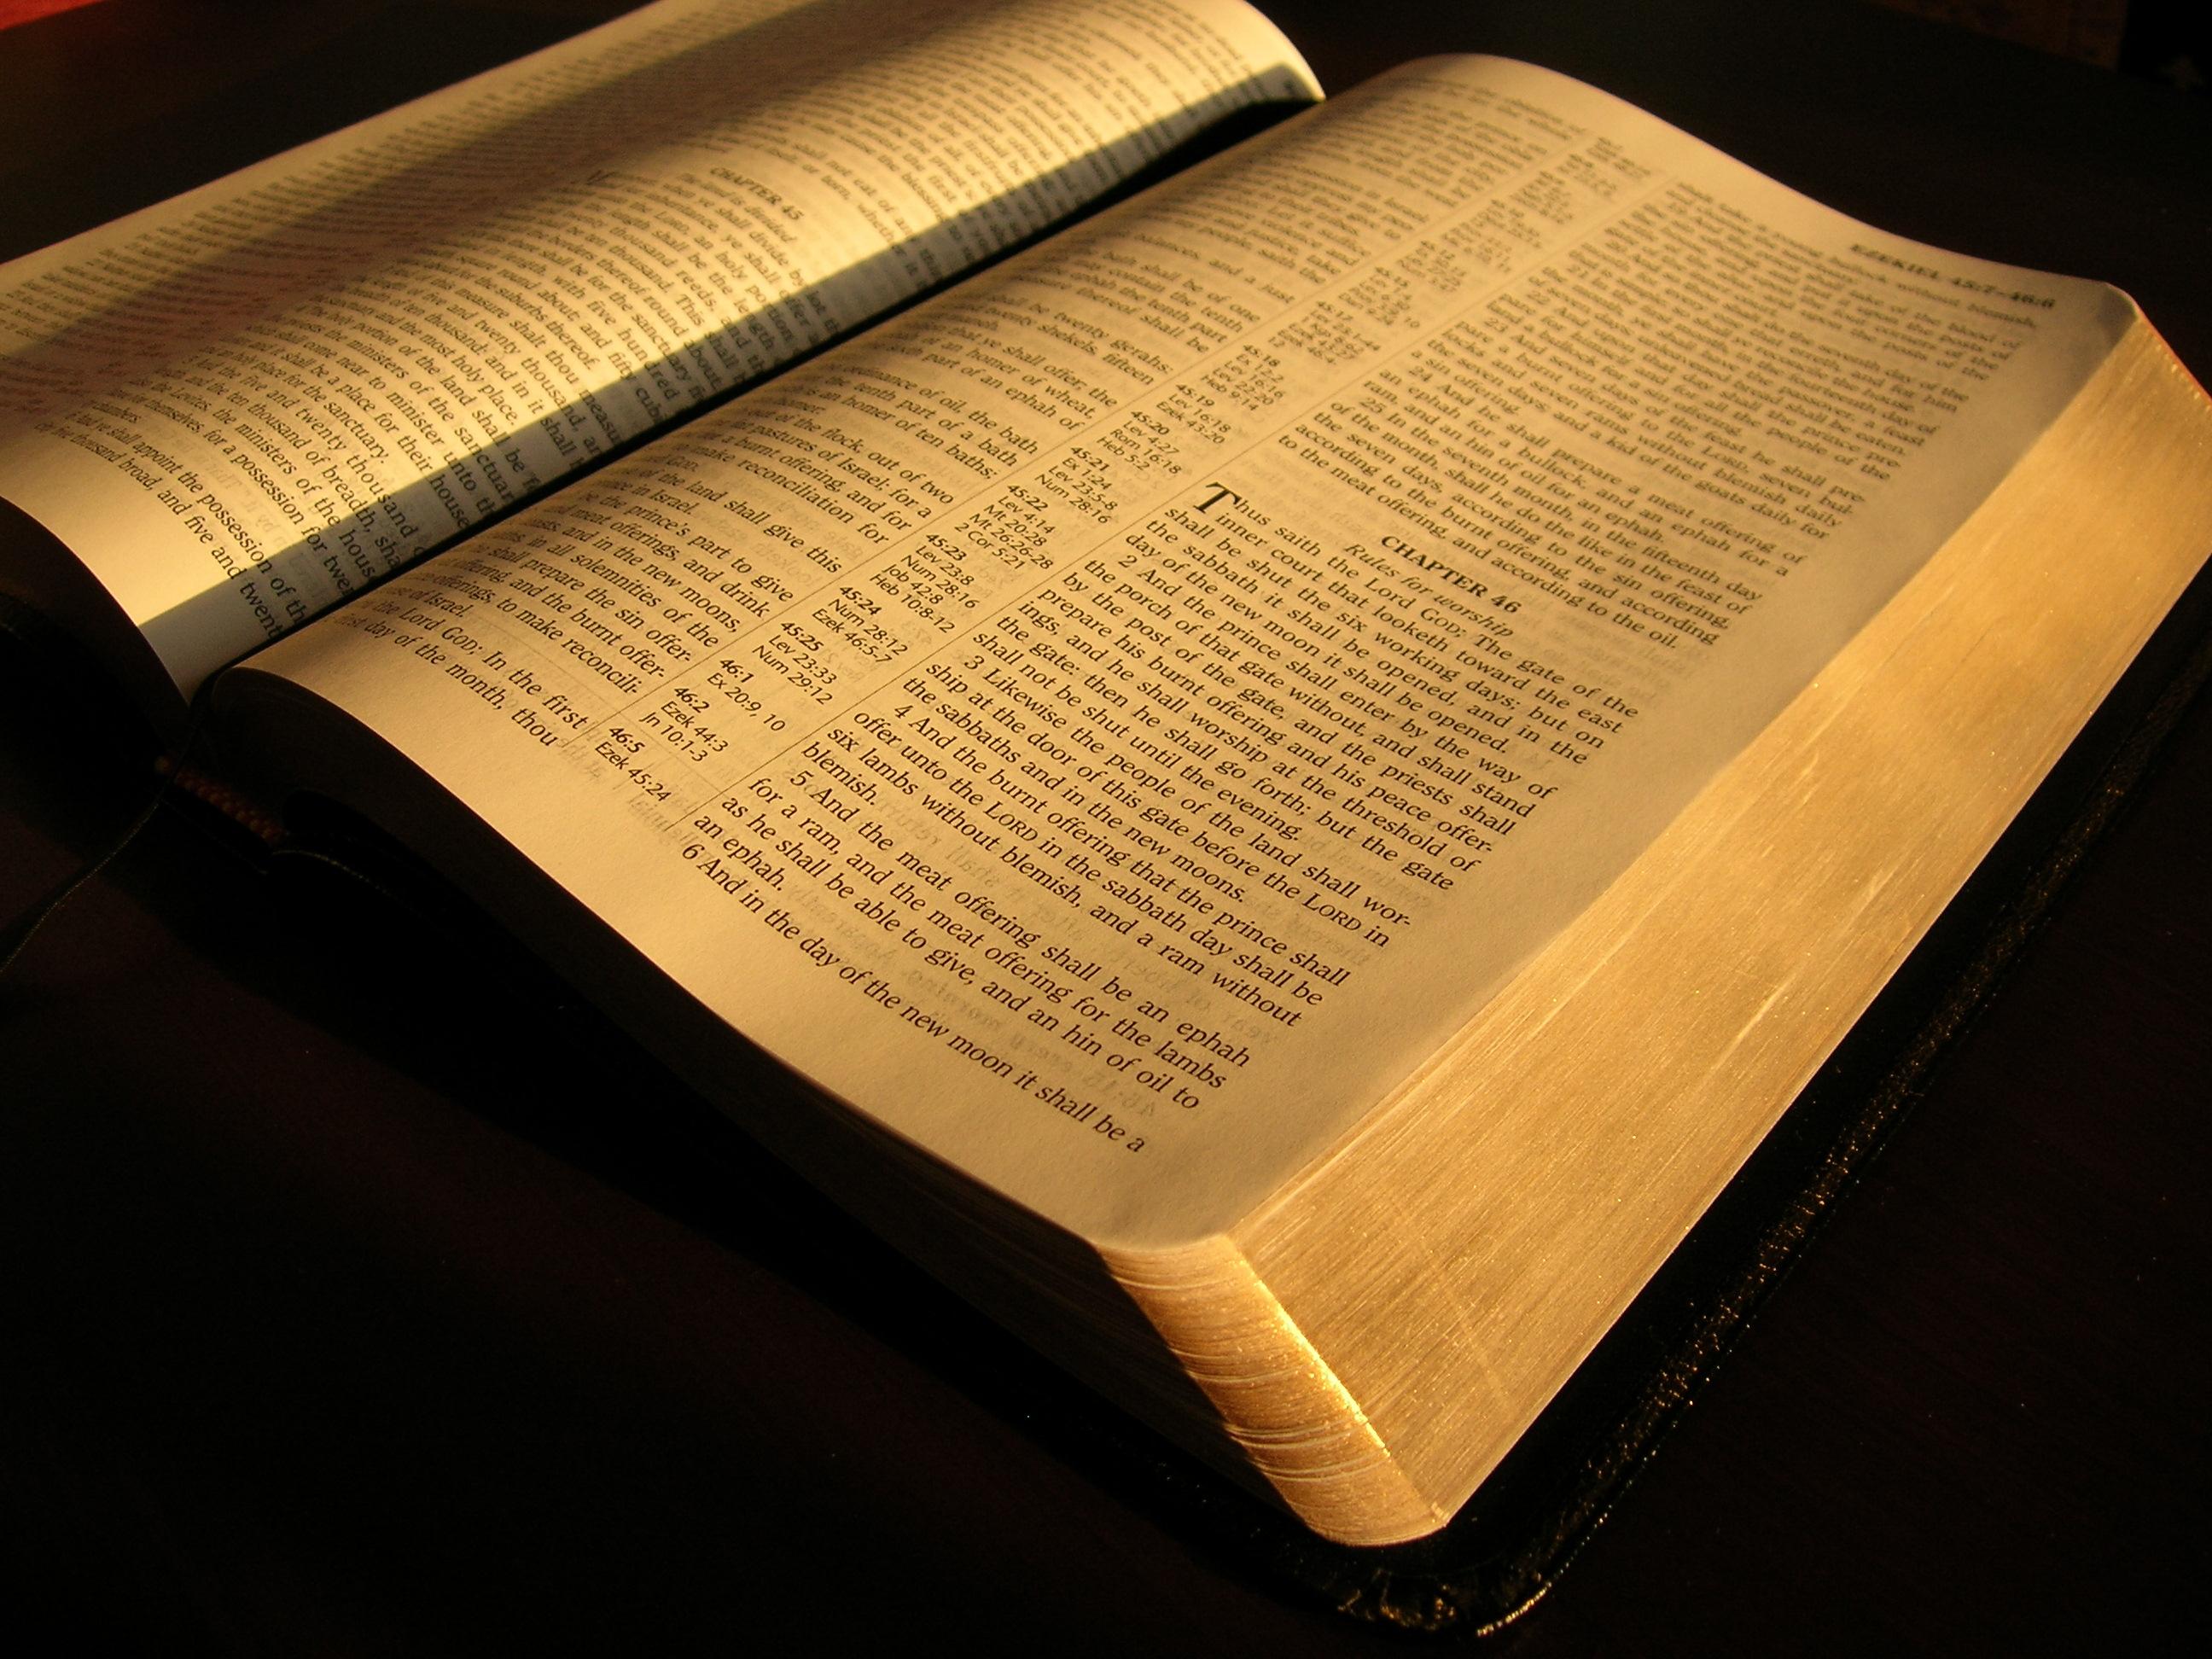 Bíblia em 1 ano – Leia o 319º dia17 min read